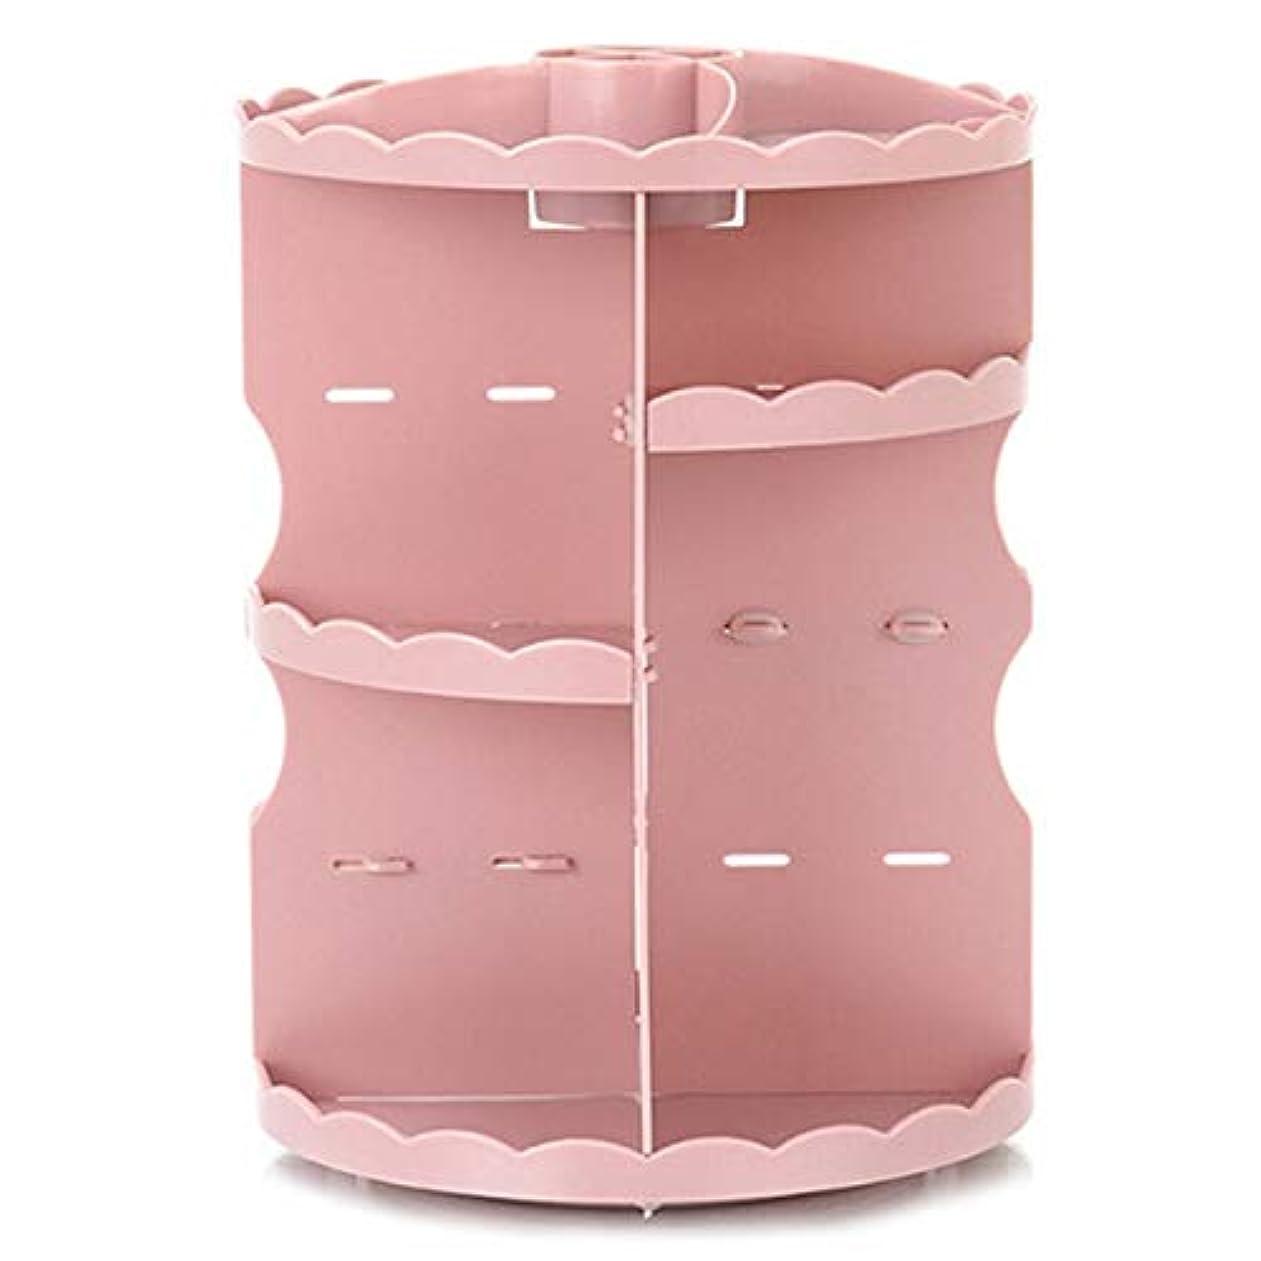 束共和党酔っ払いTOOGOO 360度回転化粧オーガナイザー、調整可能な多機能化粧品収納ユニット、さまざまなタイプの化粧品とアクセサリーに対応 ピンク